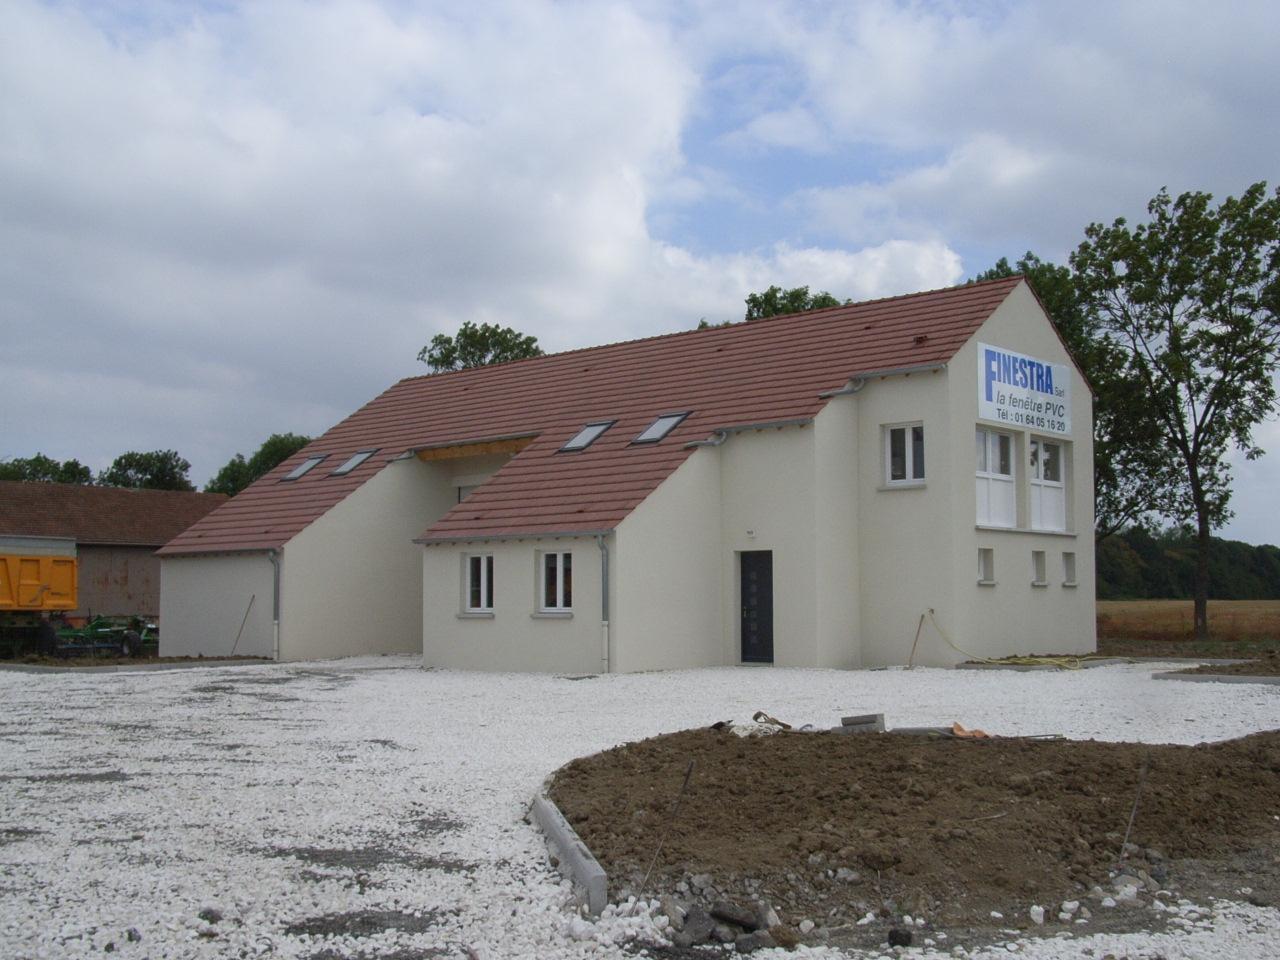 Entreprise Generale De Batiment 77 construction écologique seine et marne, entreprise générale